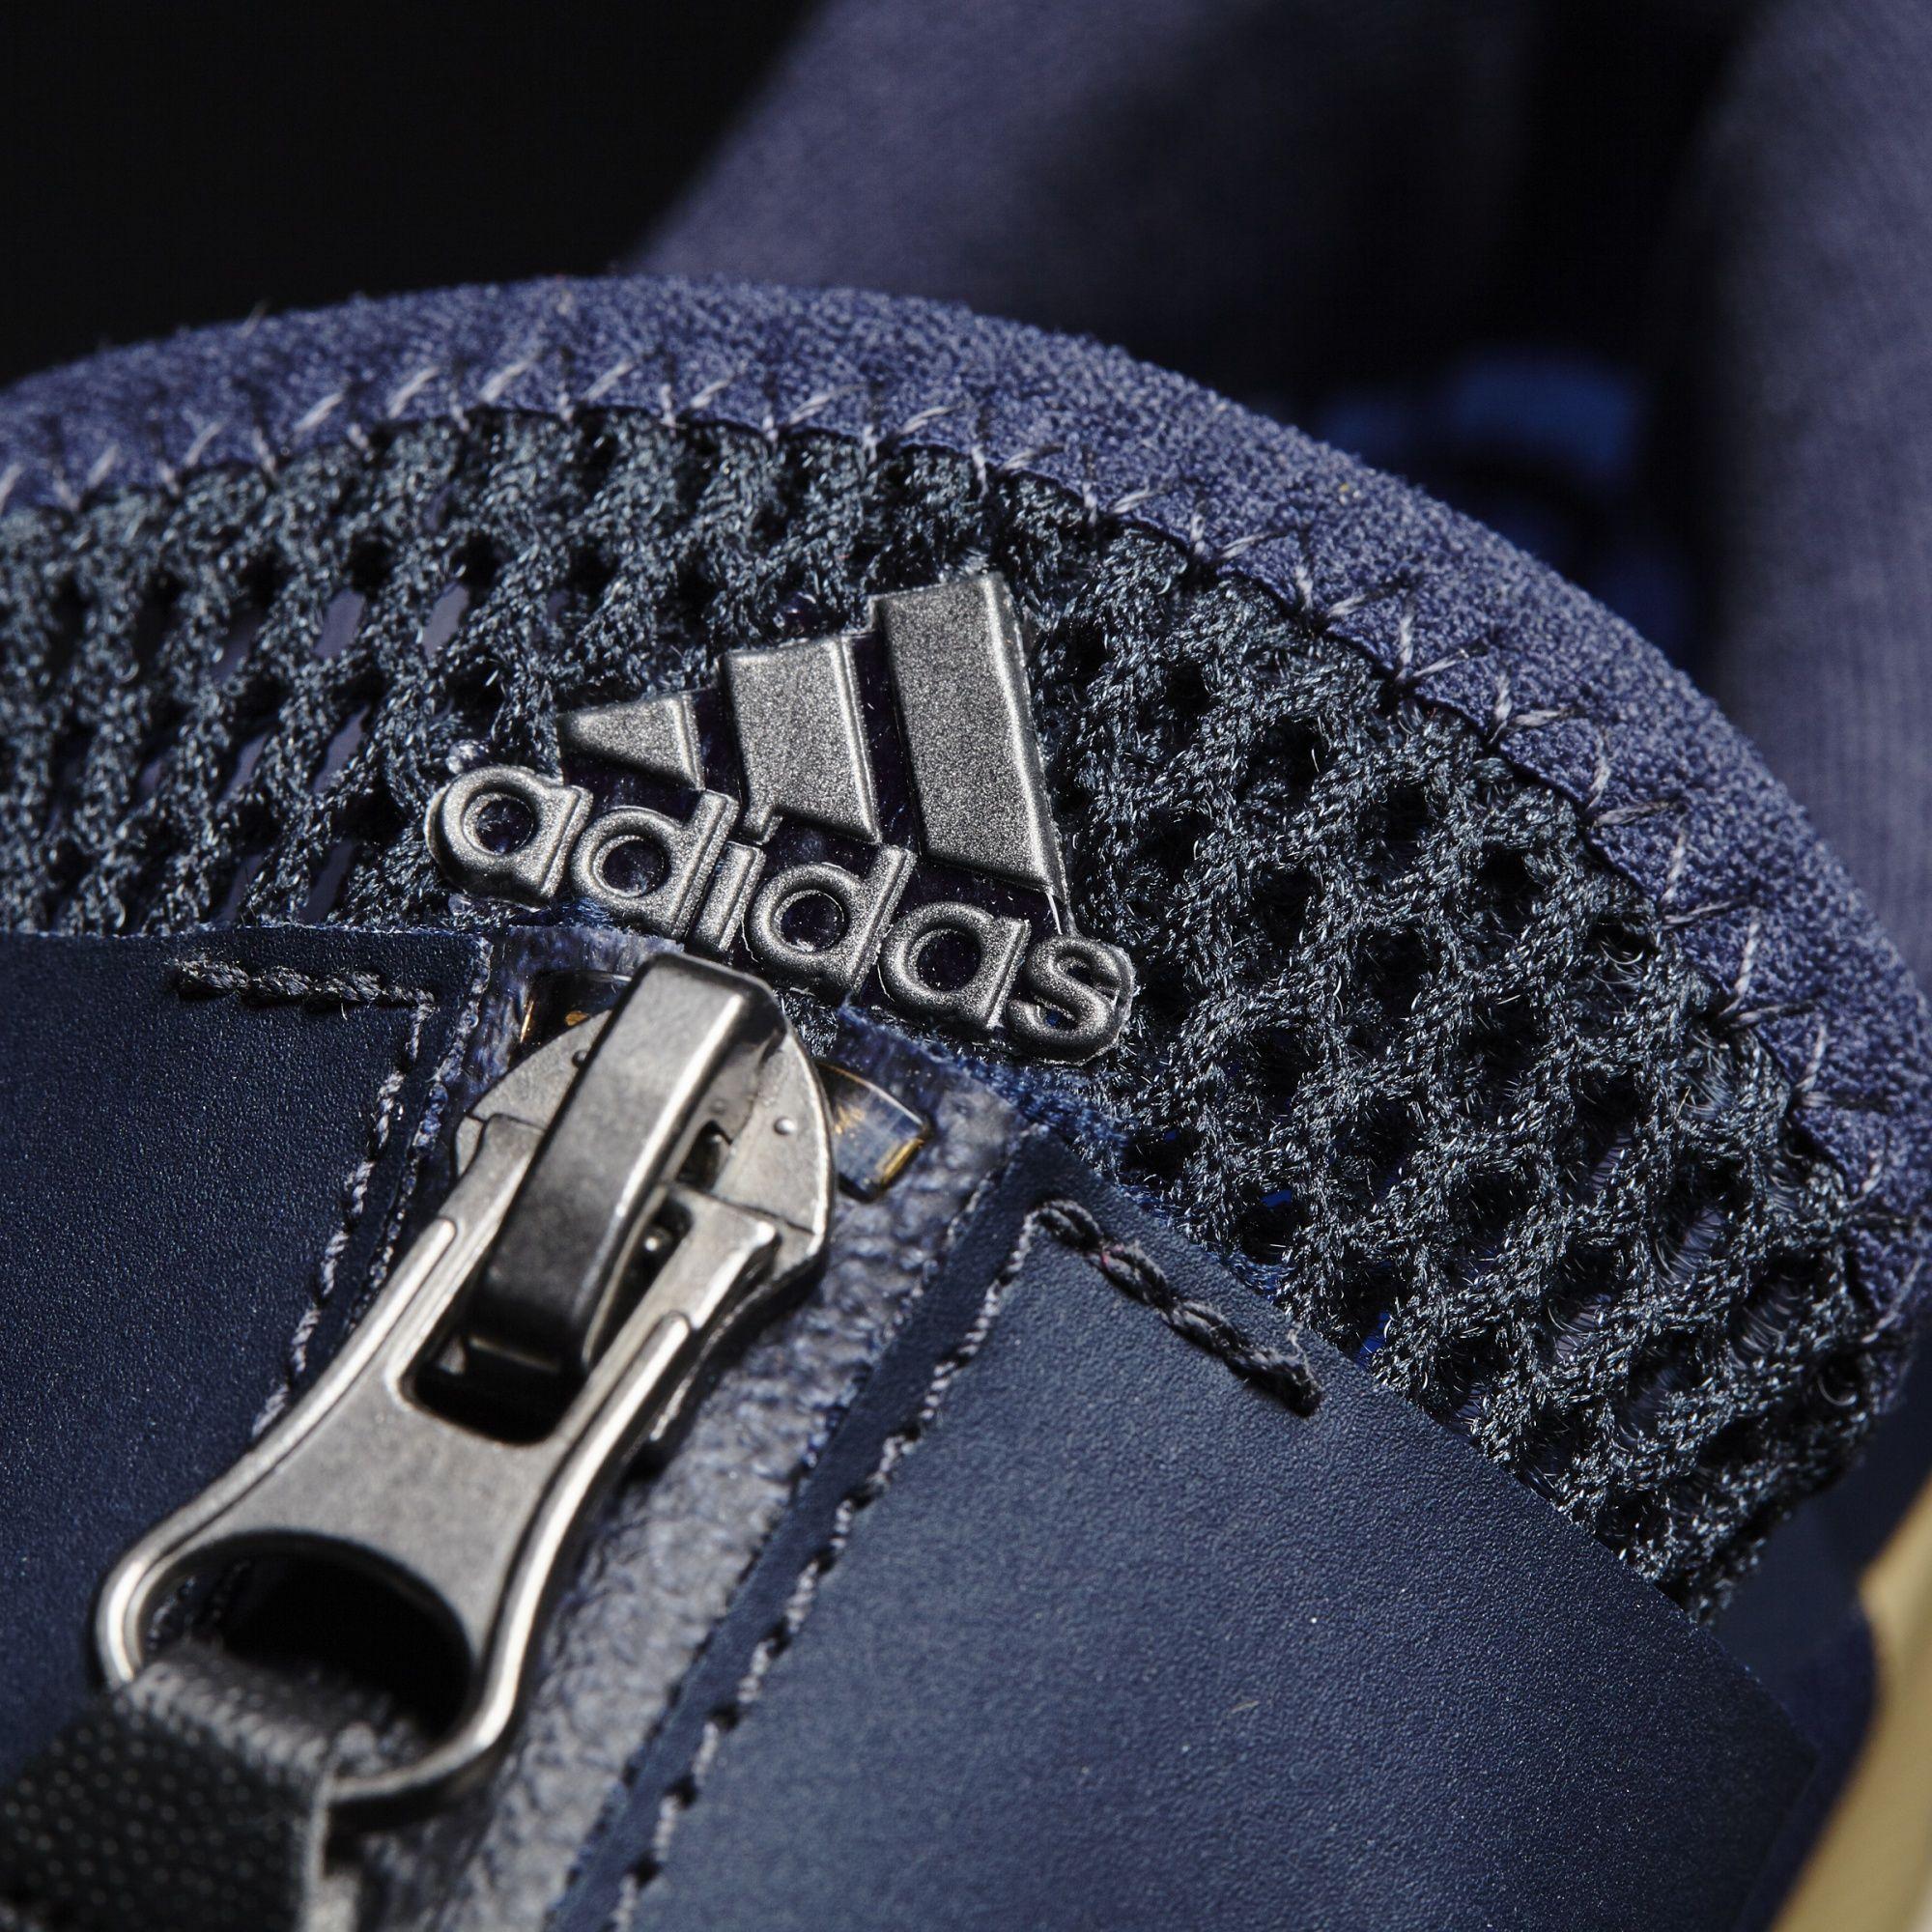 Adidas puro slancio x trainer zip scarpe ispirazione dettaglio